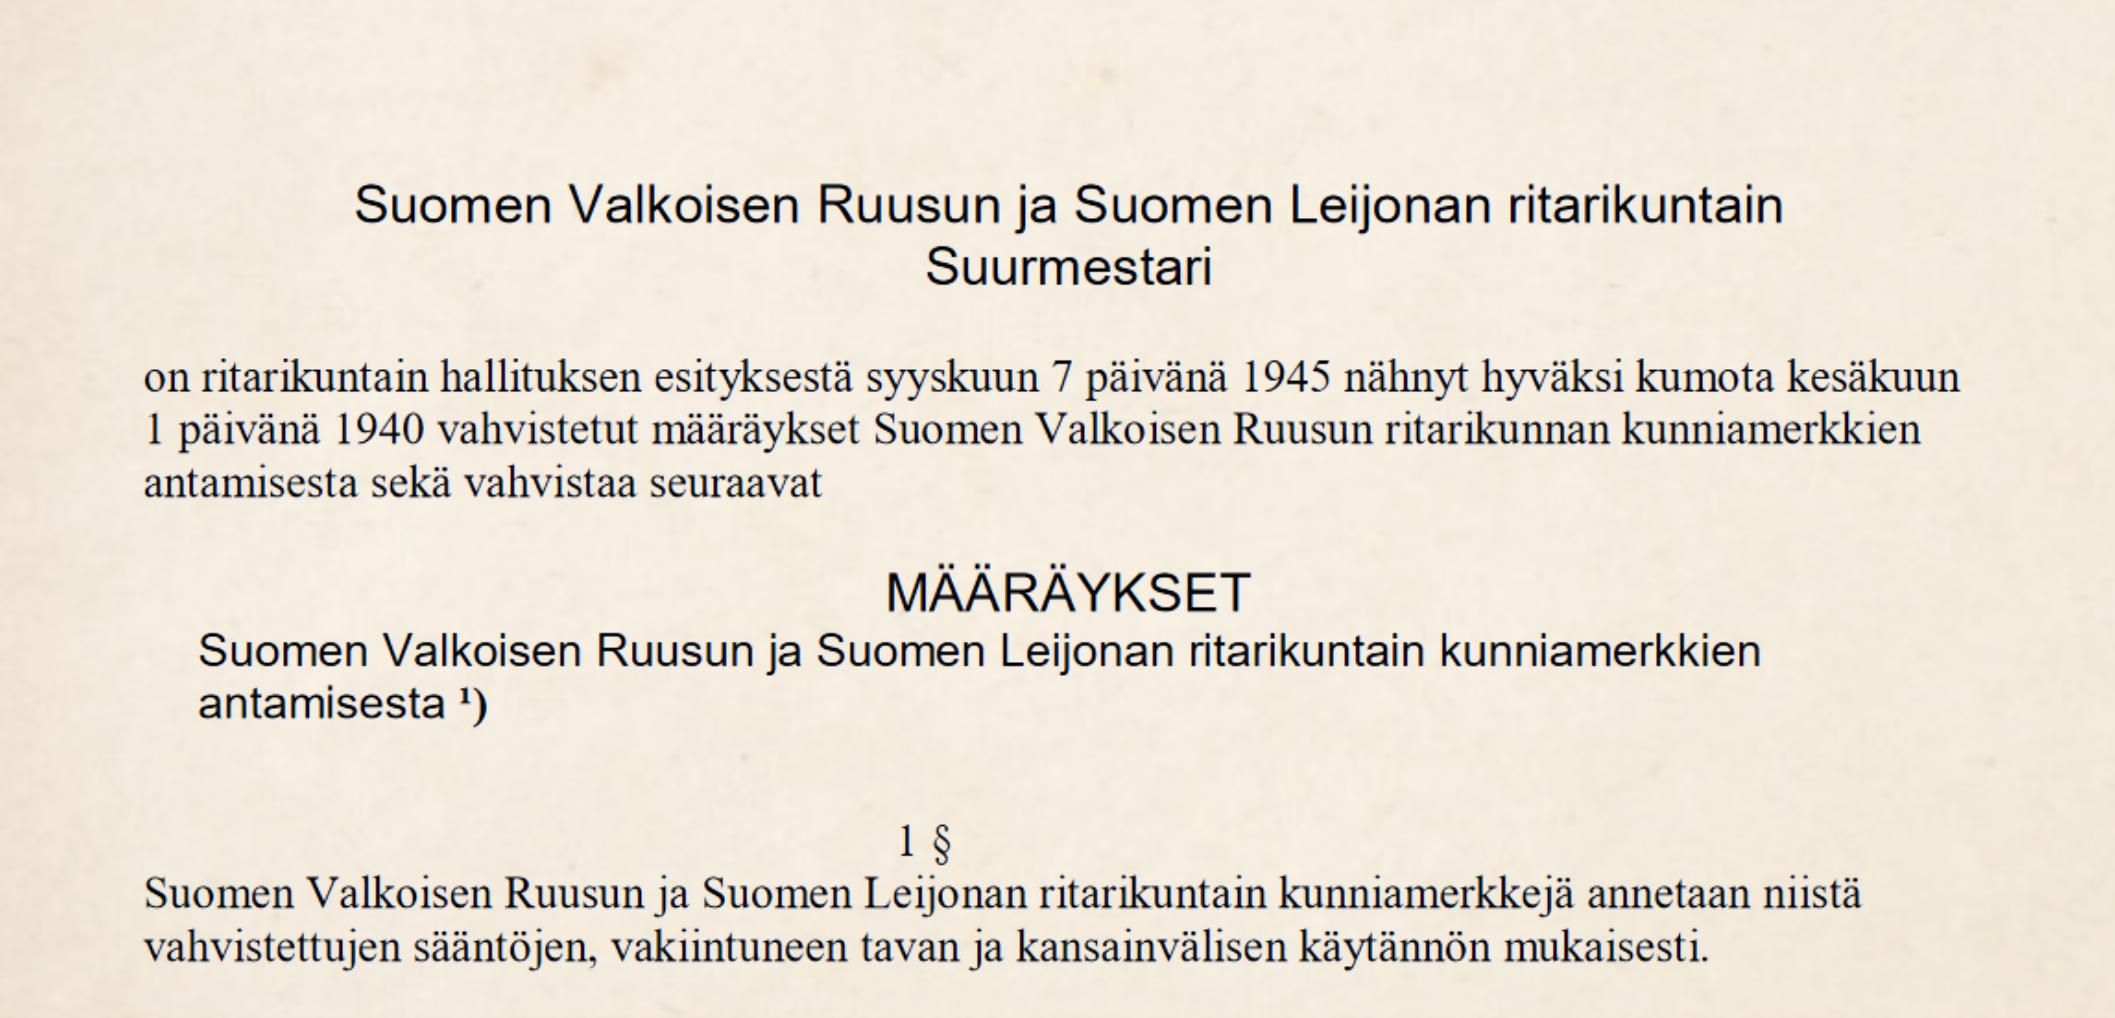 1945 Määräykset SVR:n ja SL:n kunniamerkkien antamisesta